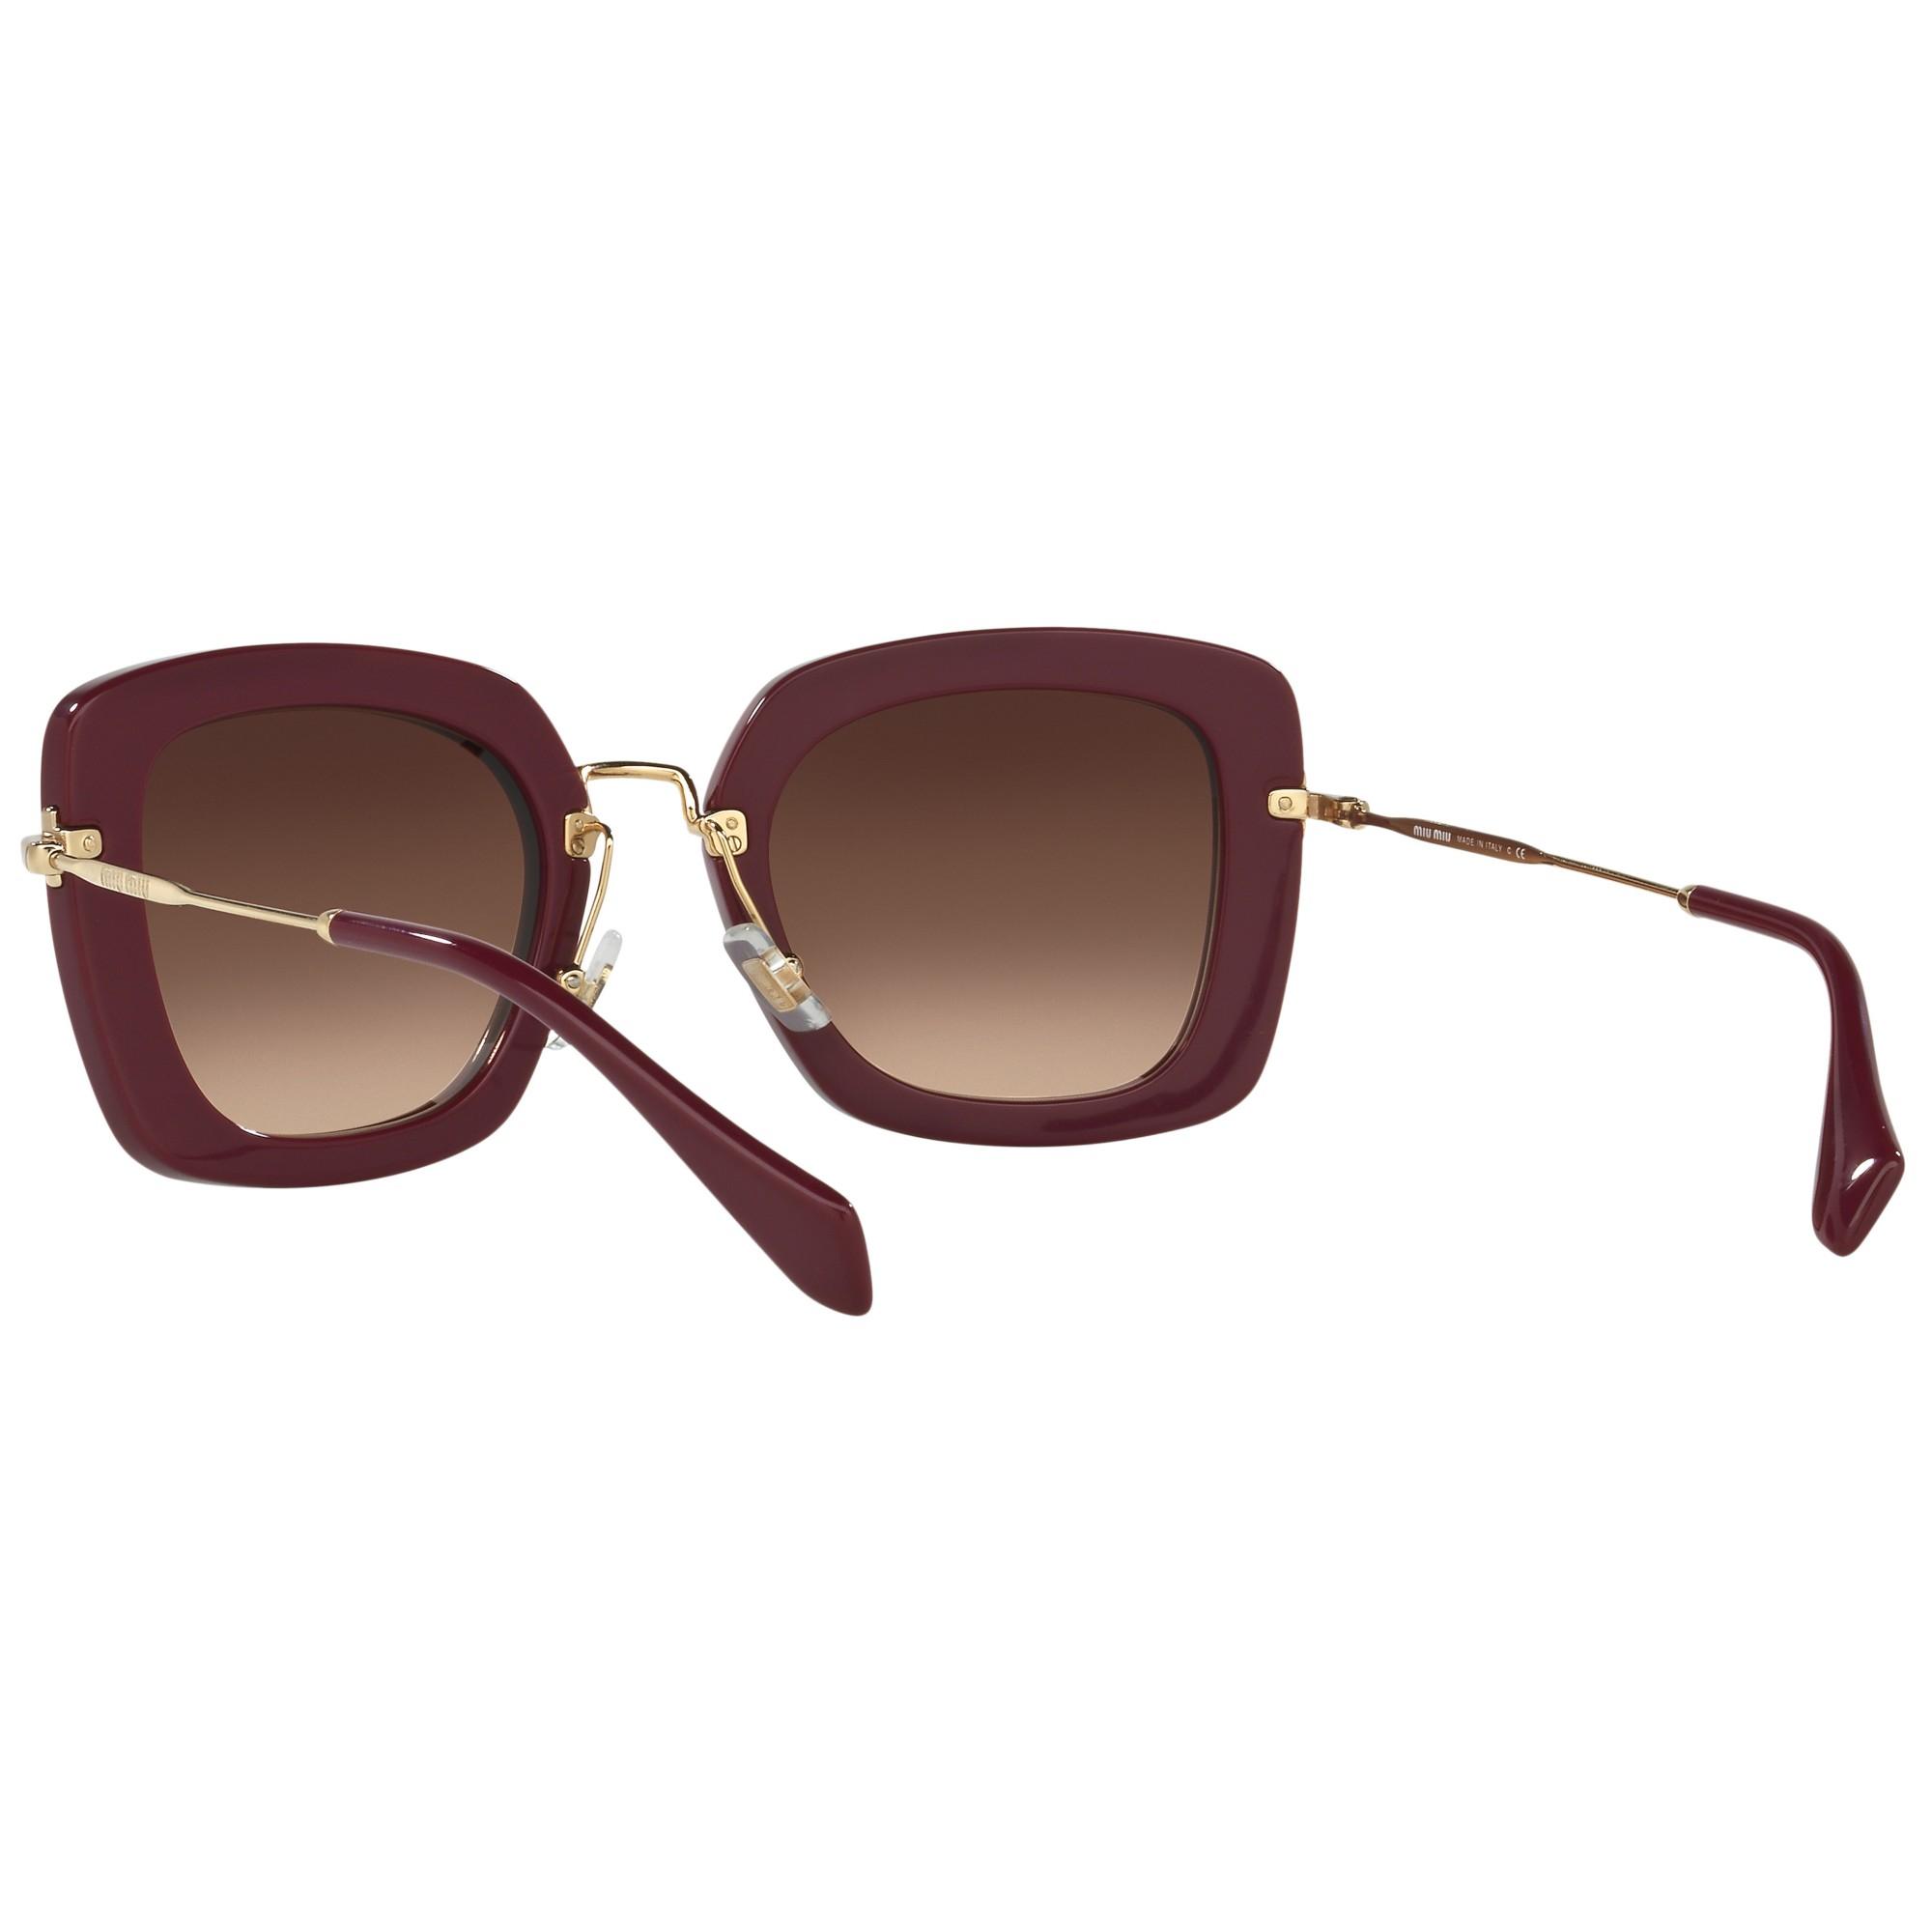 Miu Miu Mu07os Square Gradient Sunglasses in Plum/Brown (Purple)